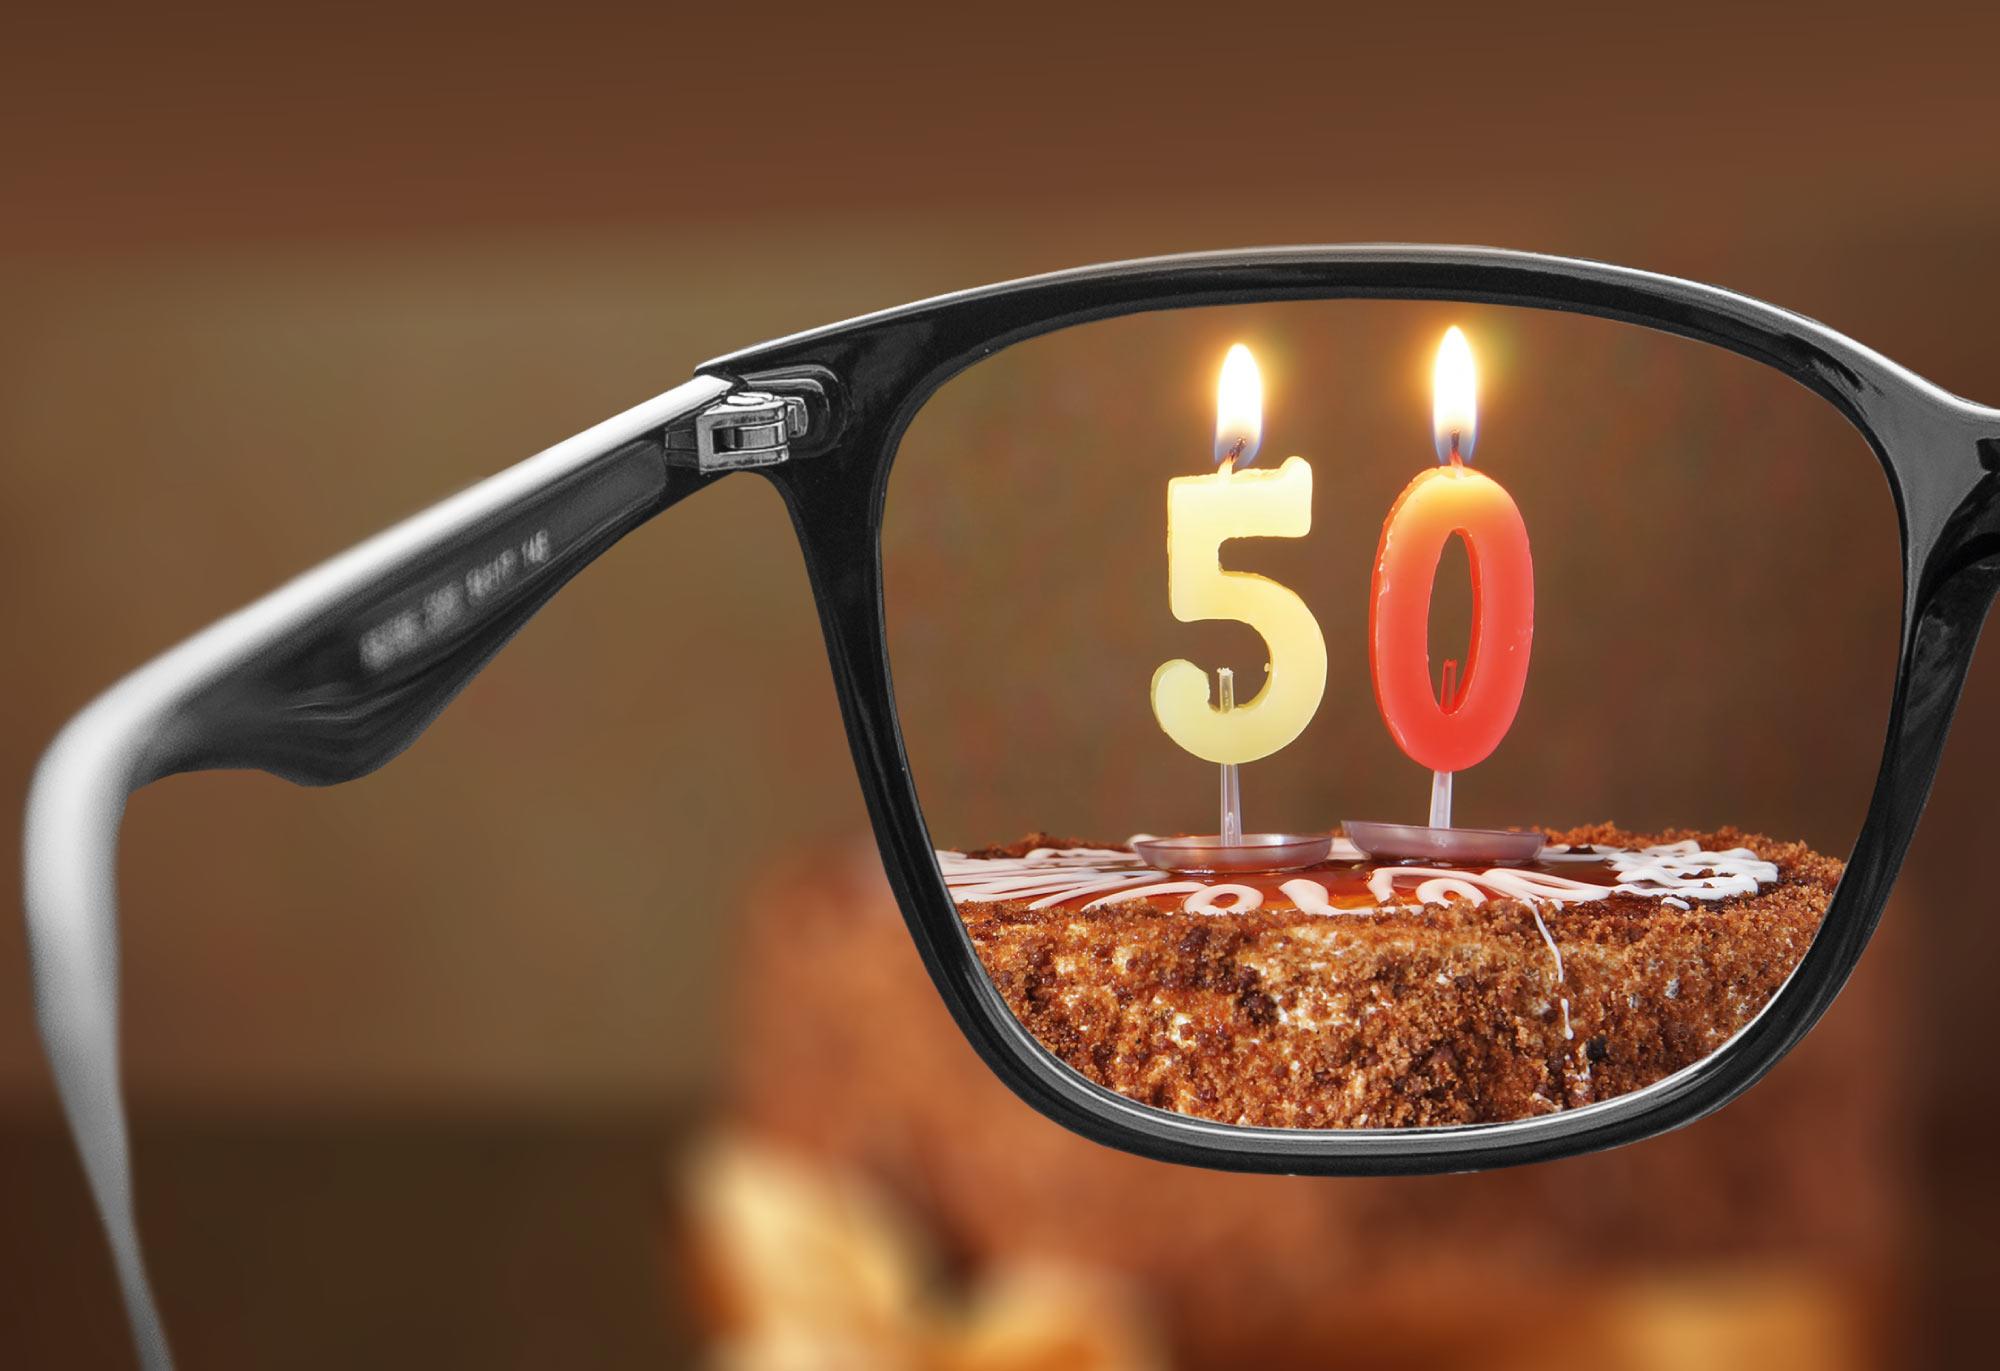 Von 1967 an stehen wir für das perfekte Sehen in Rostock. Wir feiern 50 Jahre Optik Sagawe